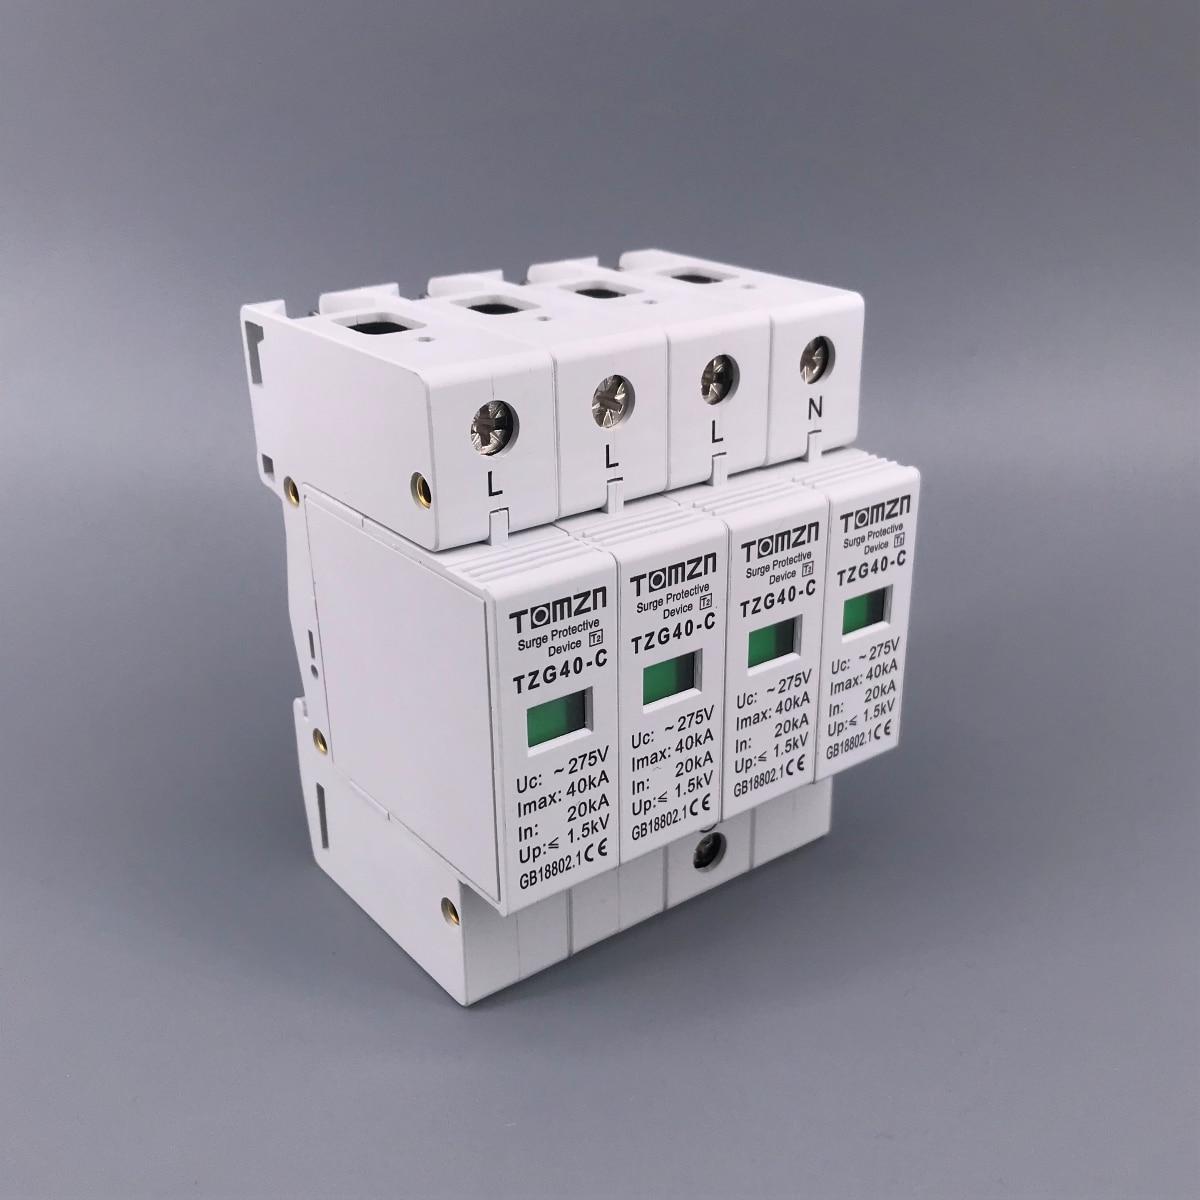 AC SPD 4P 20KA ~ 40KA 275V, устройство защиты от перенапряжения для дома, защита от перенапряжения